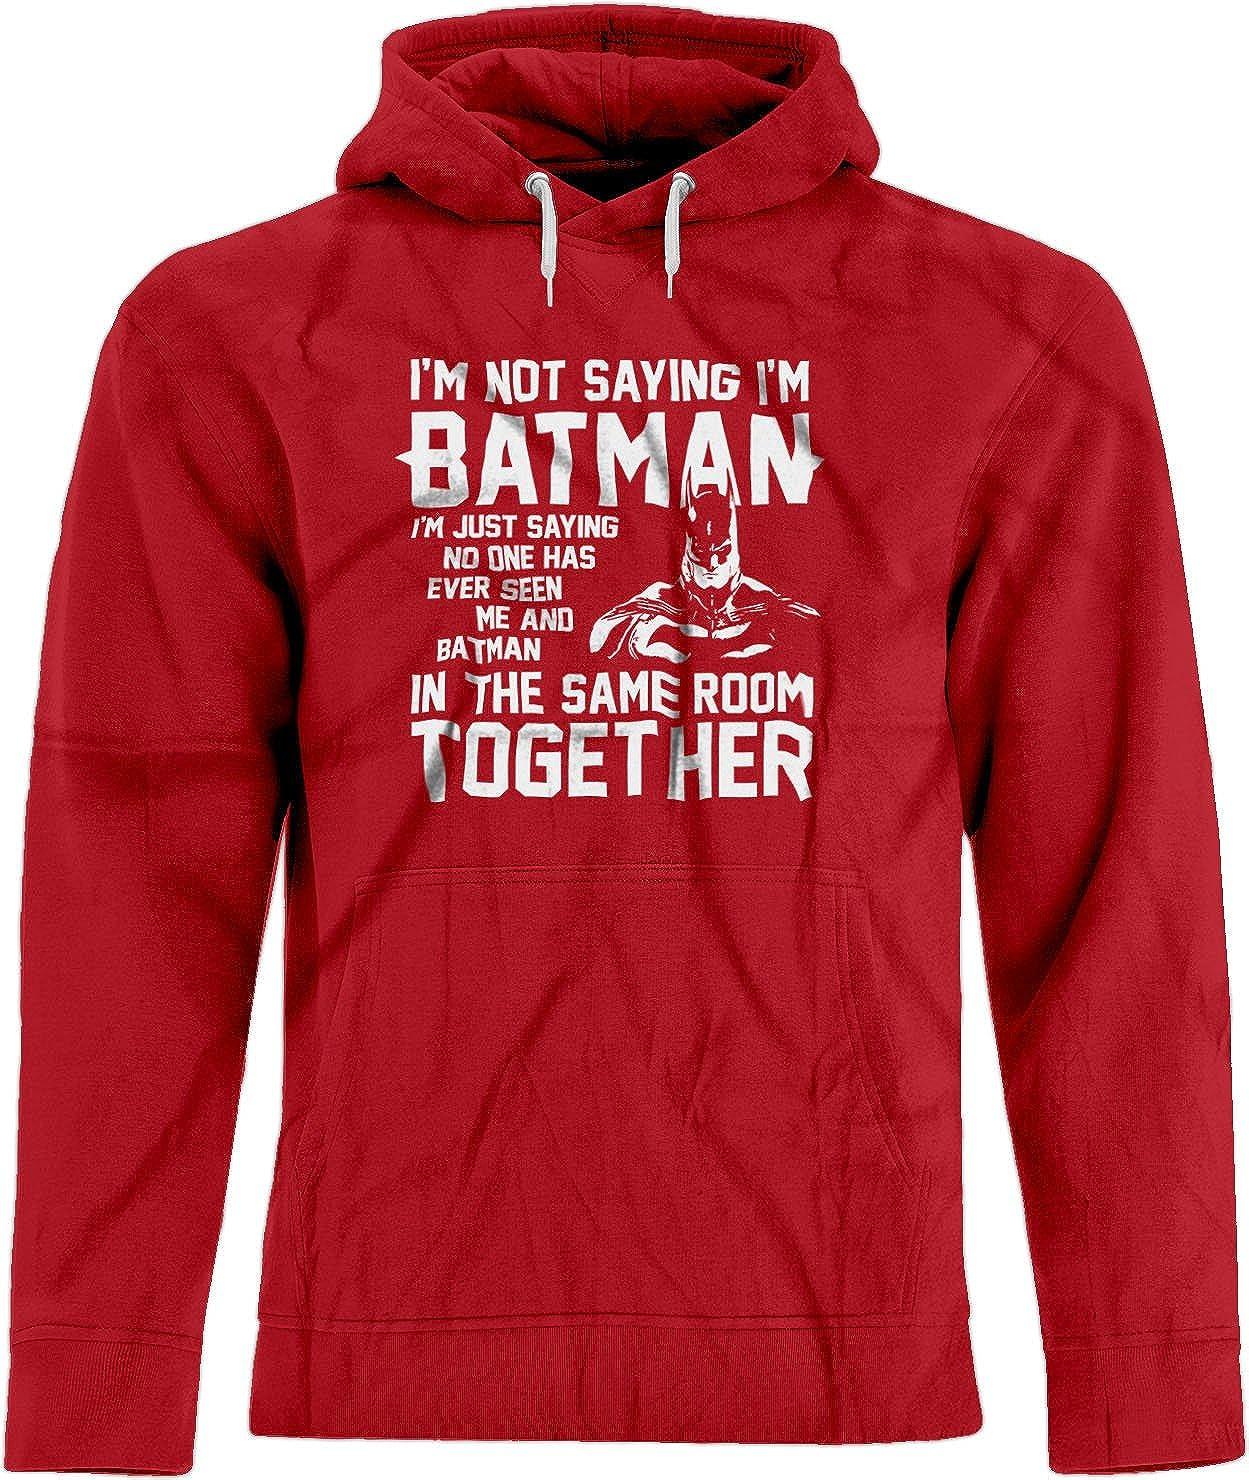 BSW Unisex I'm not Saying I'm Batman Super Hero Justice League Premium Hoodie 5331-1HP